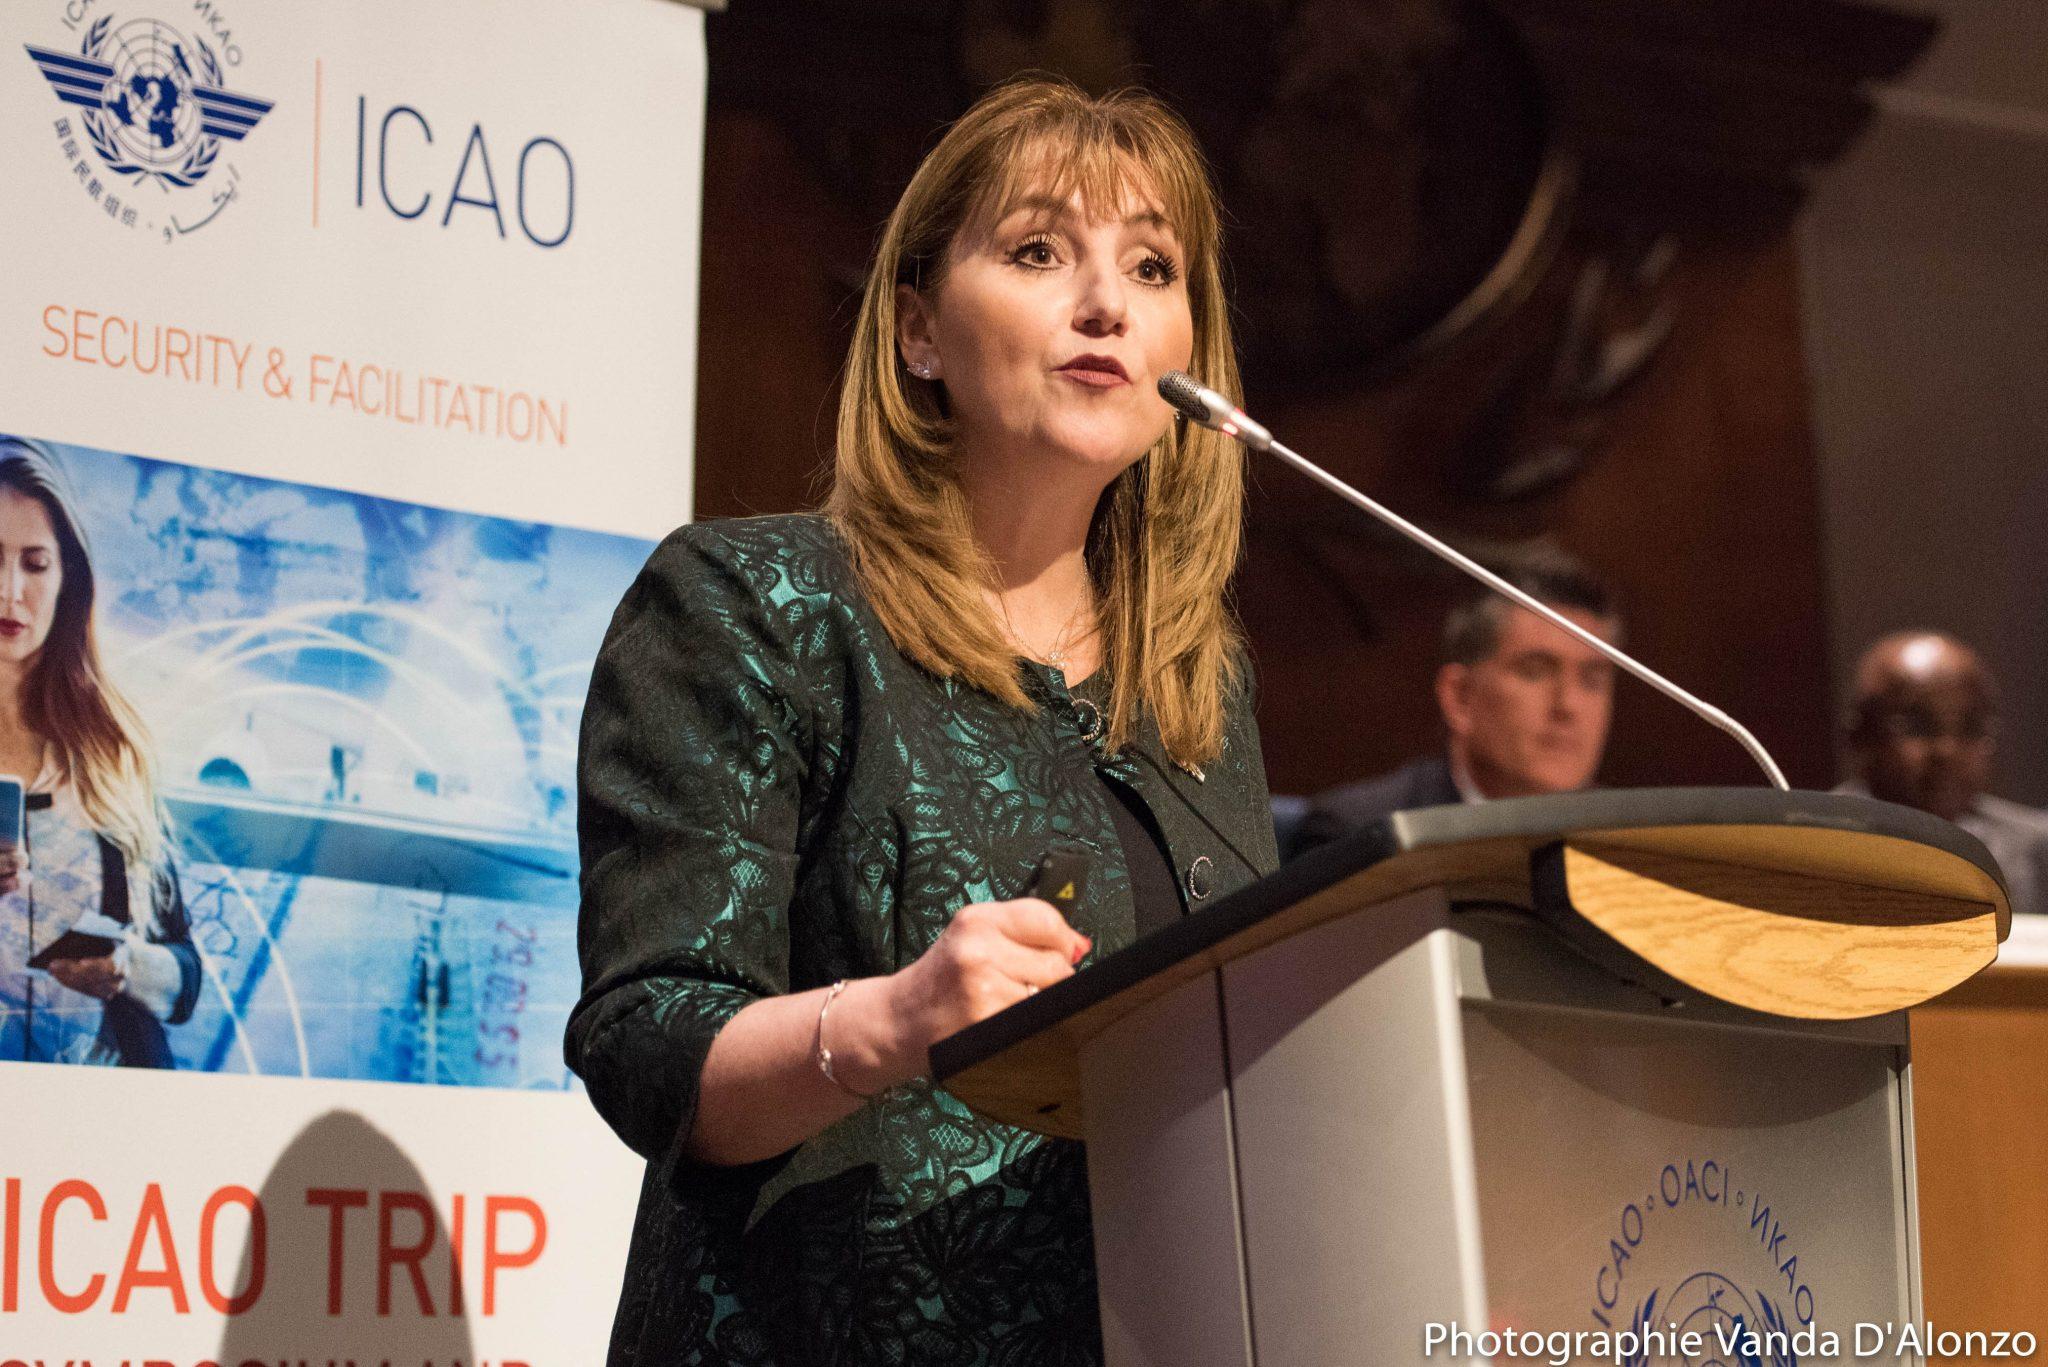 El turismo se fija la meta de ser un sector libre de emisiones CO2 en 2050